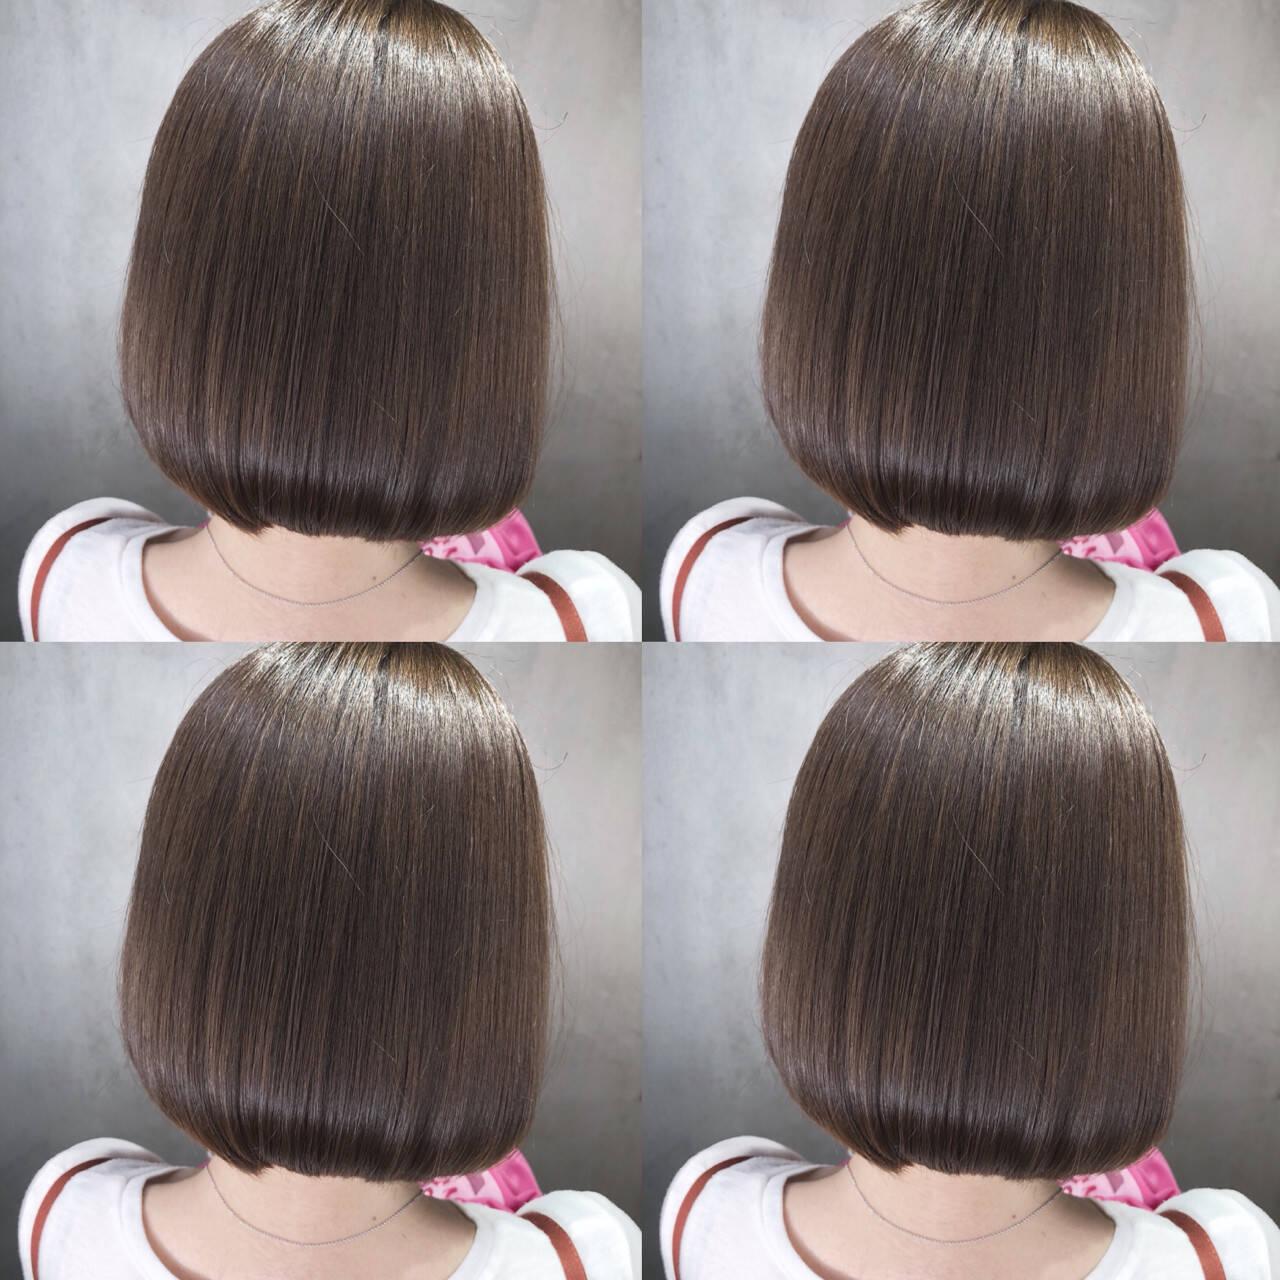 ナチュラル 透明感 ボブ デートヘアスタイルや髪型の写真・画像